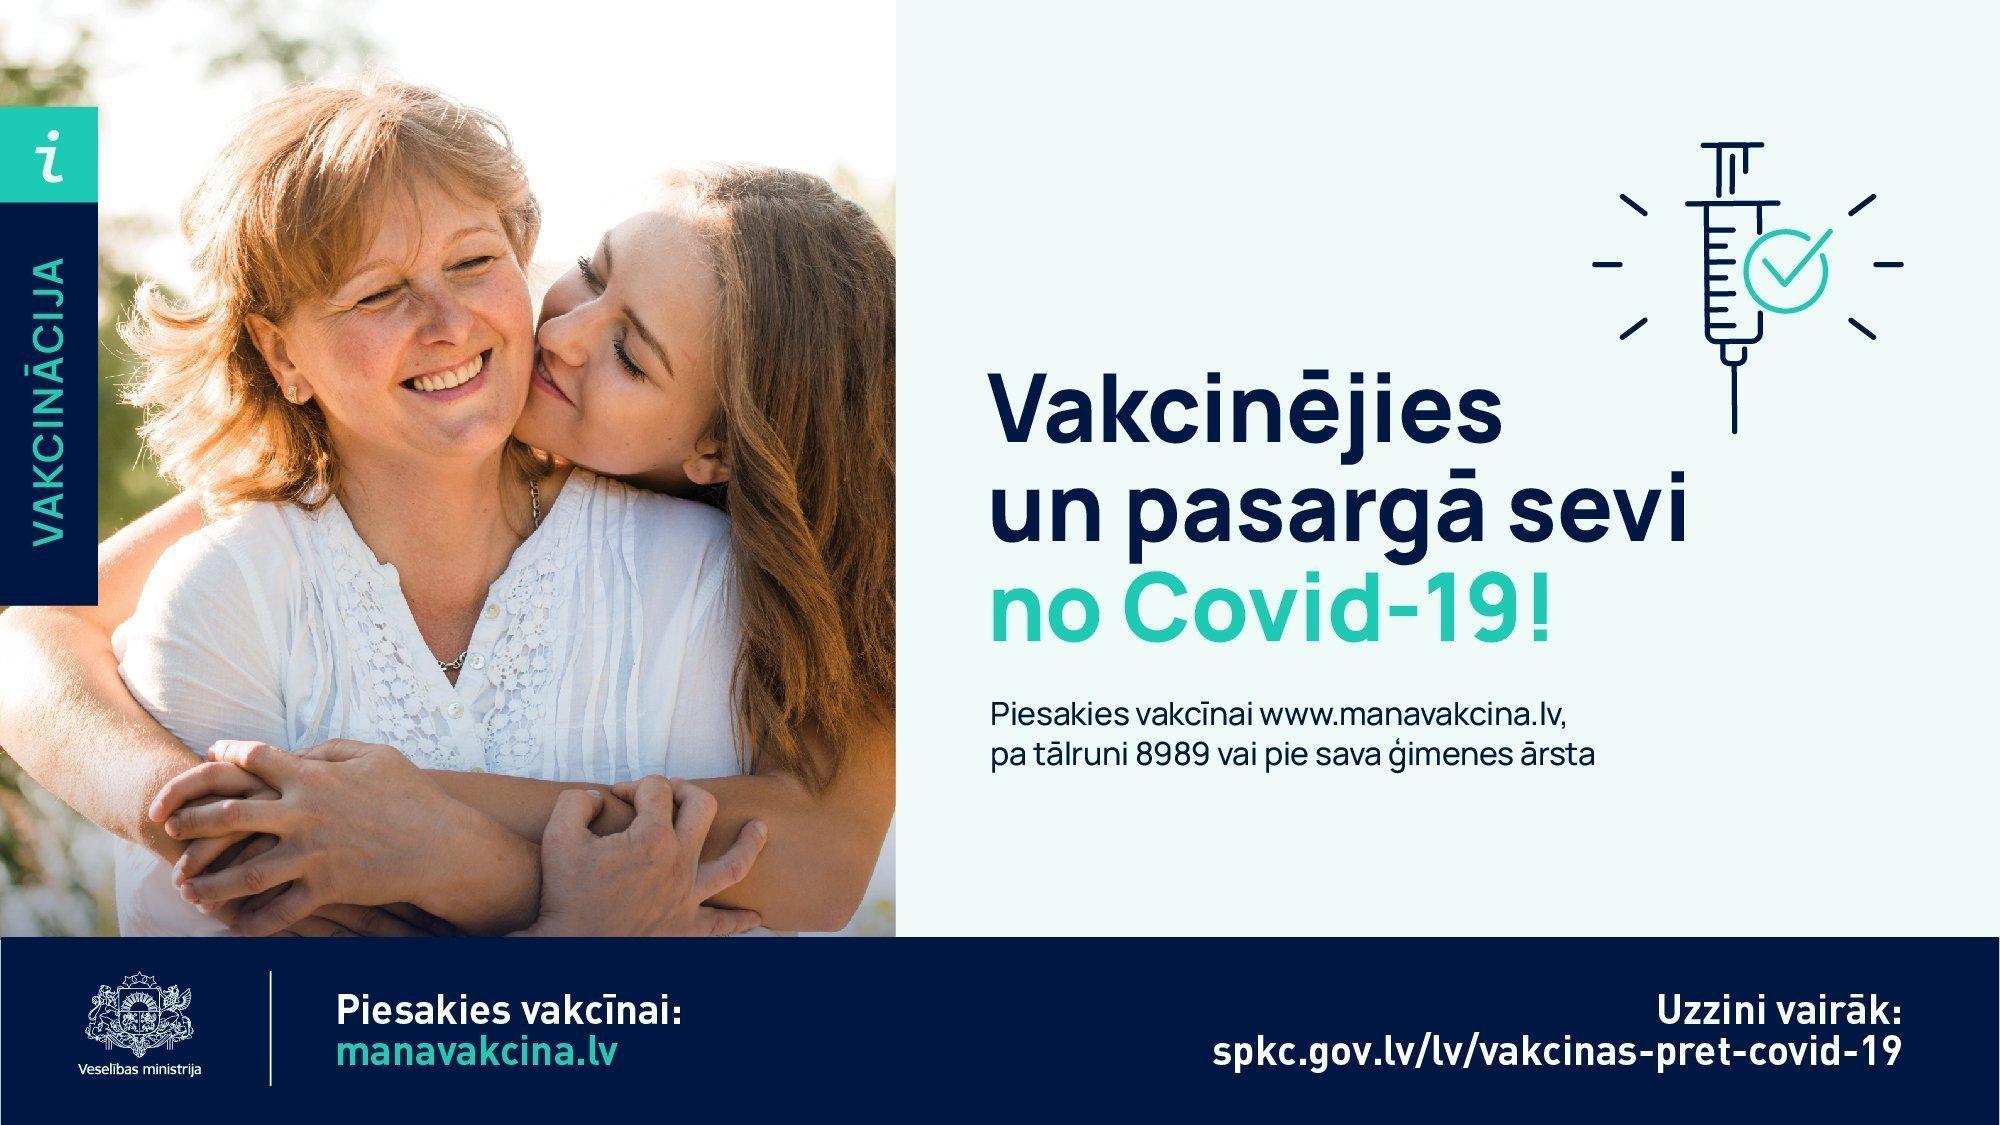 Tiešsaistes sarunu cikla par vakcināciju pret Covid-19 turpinājumā – atbildes uz  topošo un jauno māmiņu visbiežāk uzdotajiem jautājumiem